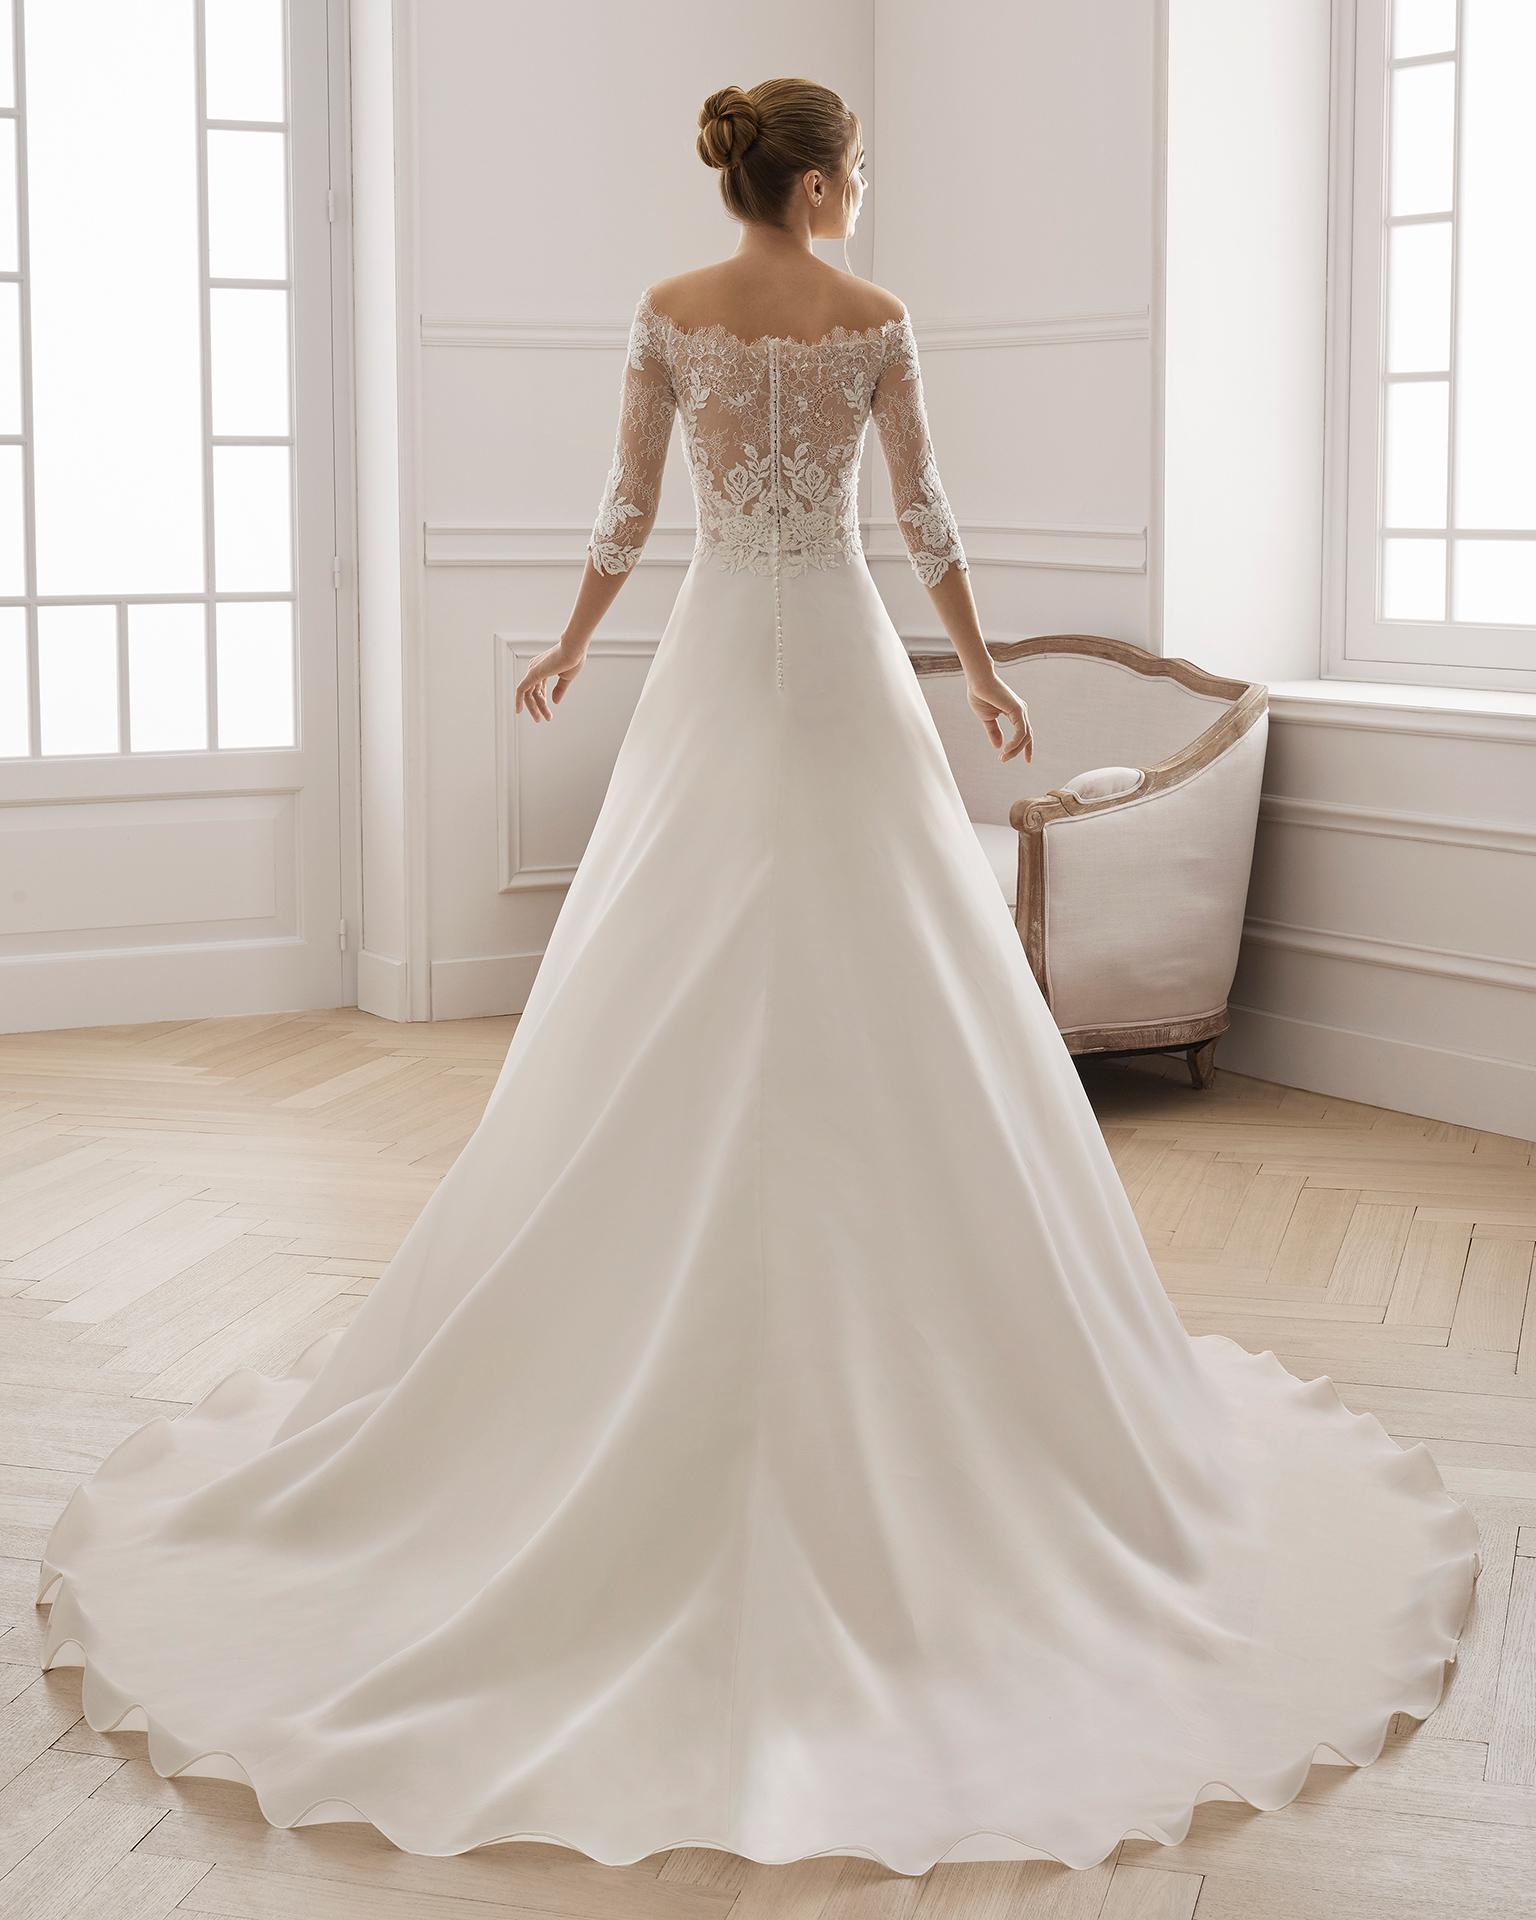 Vestido de novia estilo línea A en gazar y encaje pedrería. Escote barco y manga larga. Disponible en color natural. Colección AIRE BARCELONA 2019.